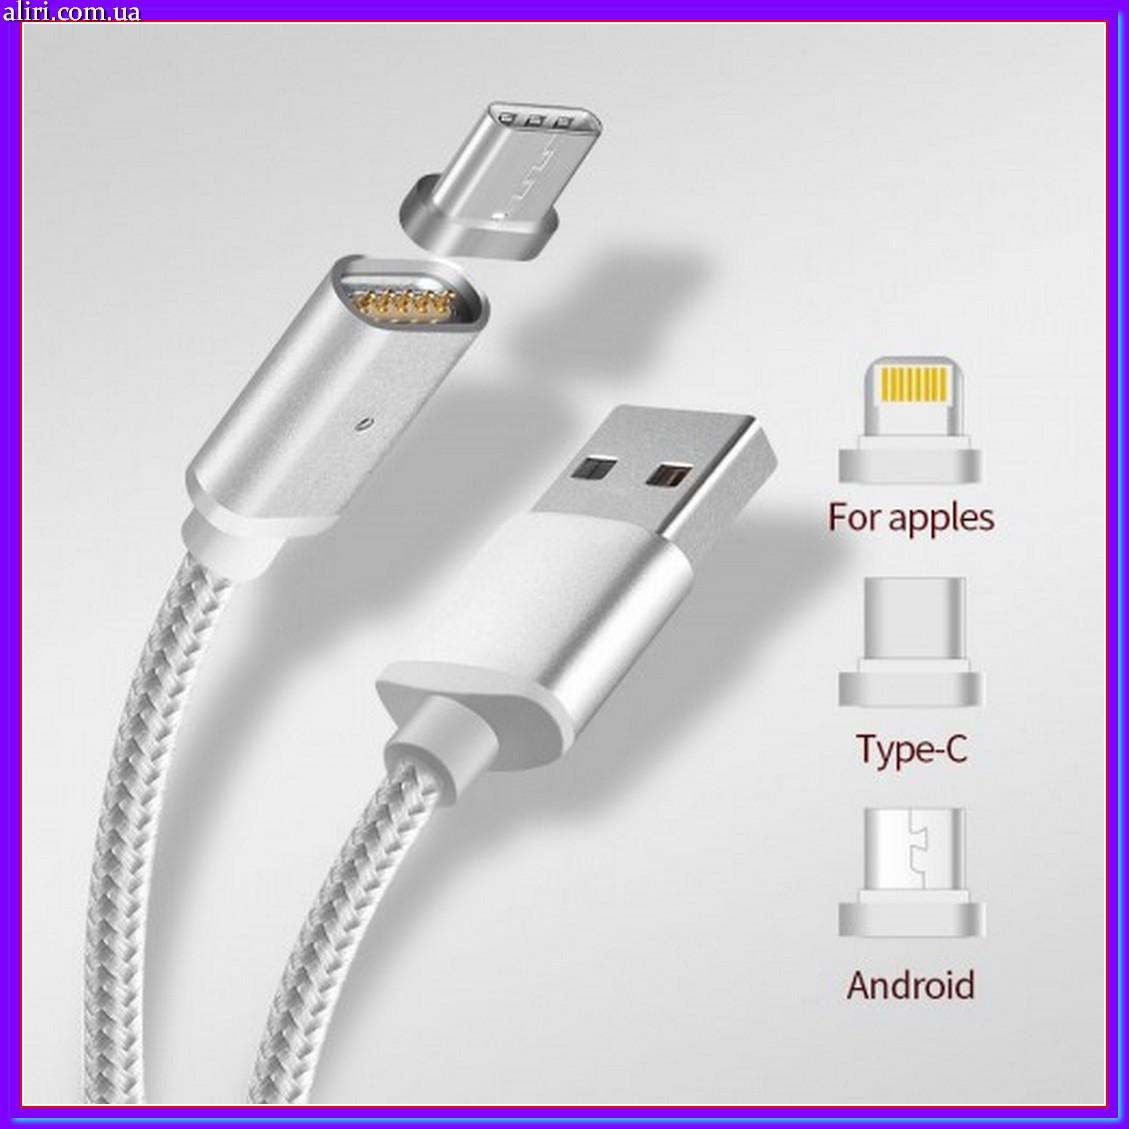 Магнитный кабель 3в1 для зарядки Android, Iphone, Type C